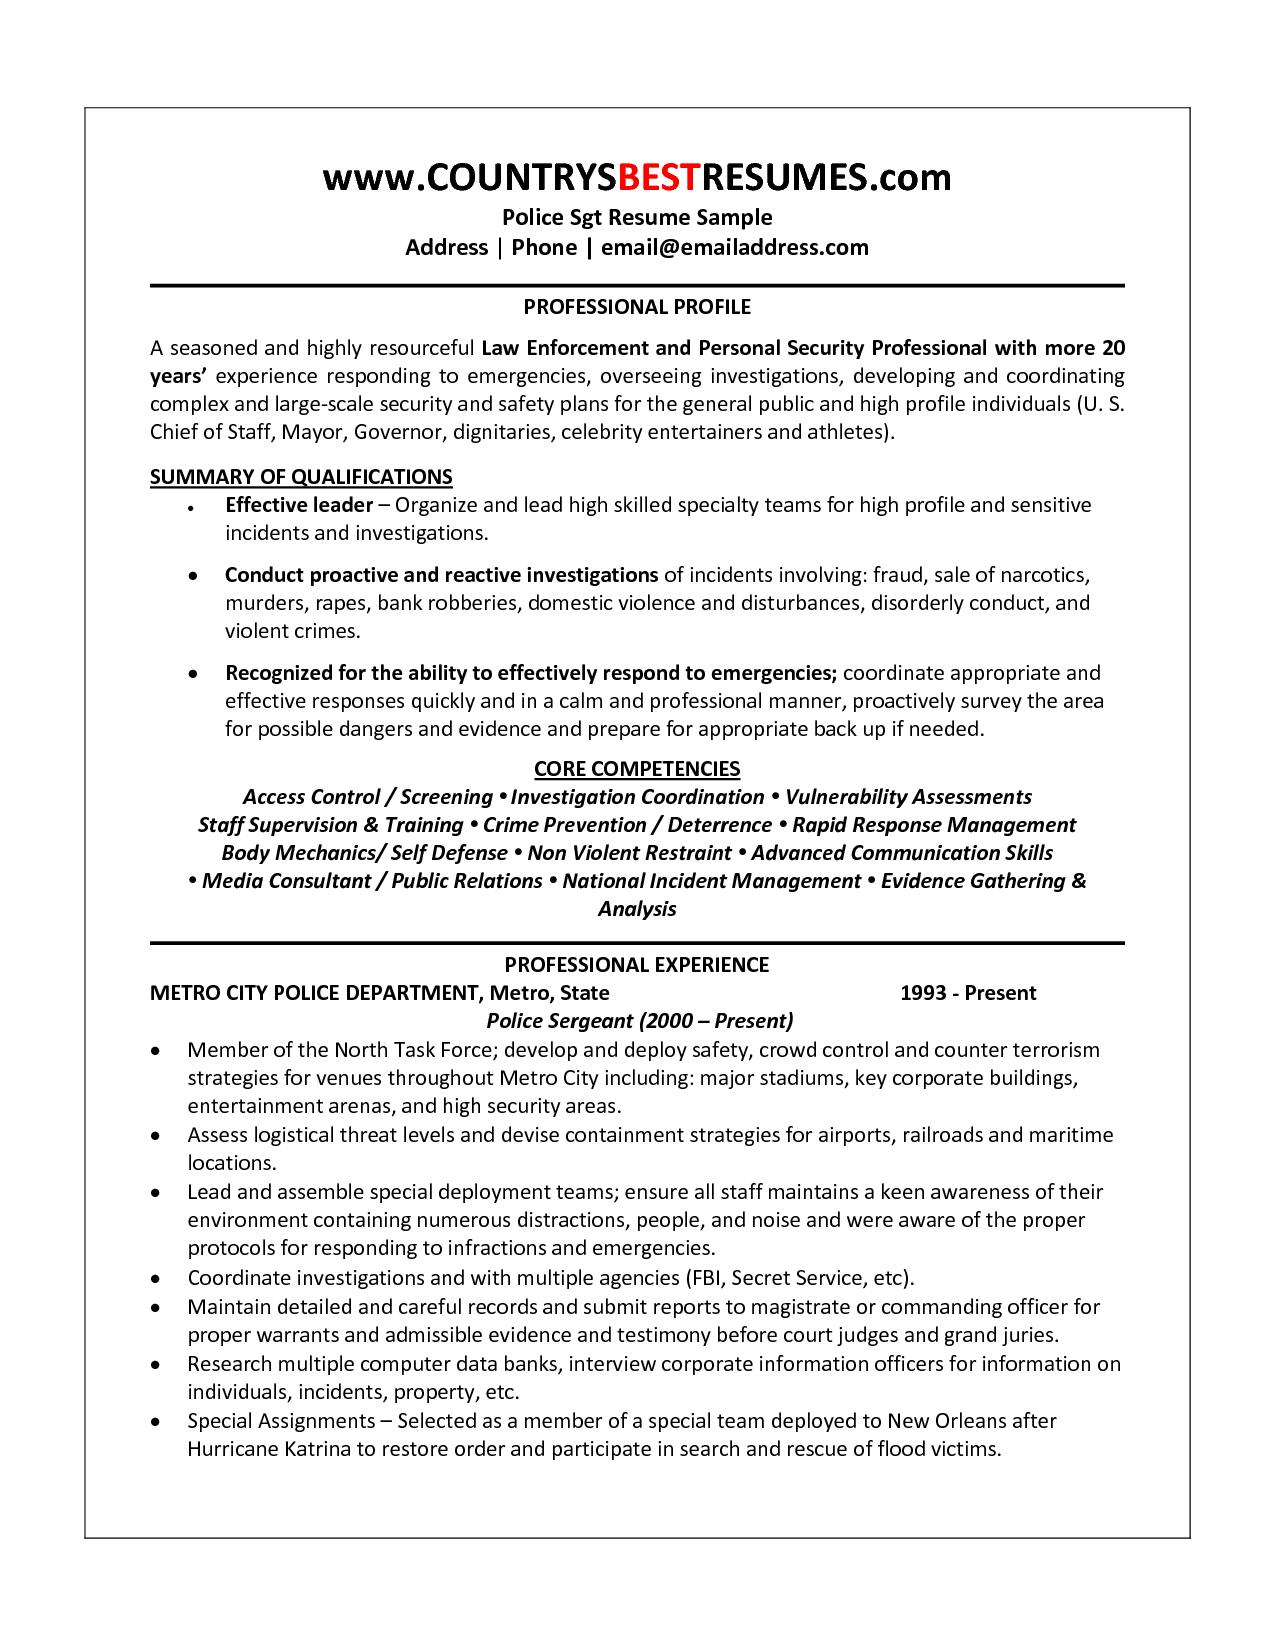 Police Officer Resume Sample Http Www Resumecareer Info Police Officer Resume Sample Police Officer Resume Resume Examples Teacher Resume Examples